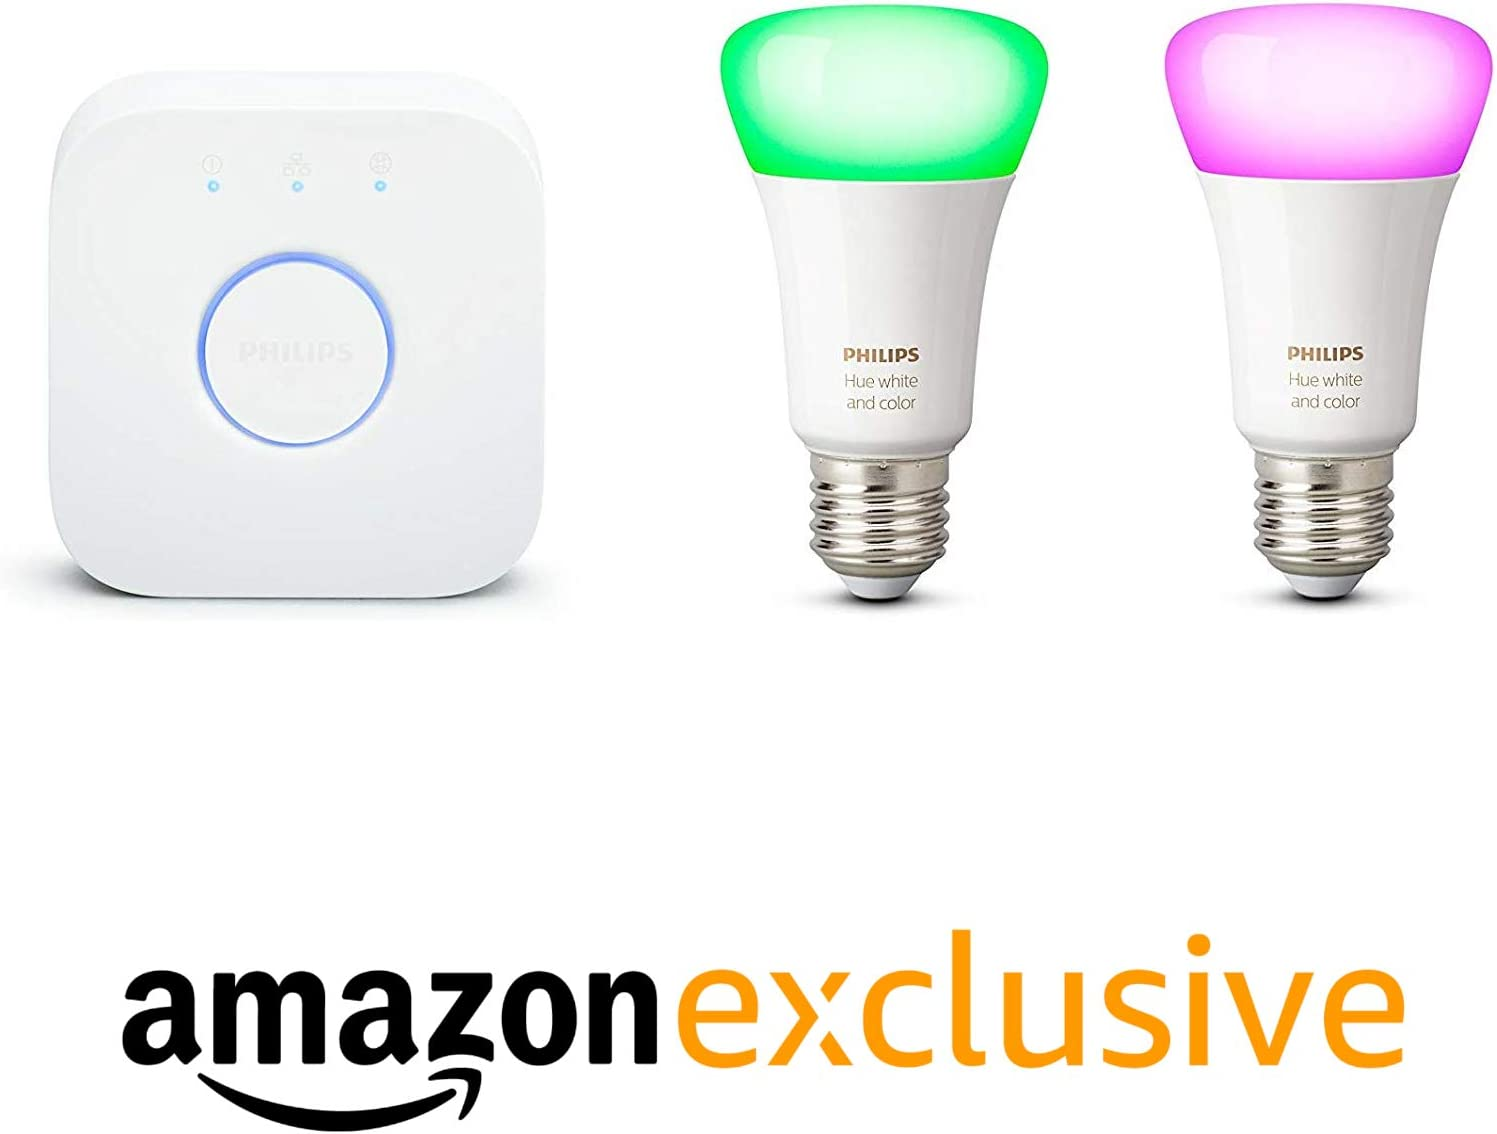 Philips Hue Bluetooth Pack 2 Bombillas Inteligentes LED E27 y Puente, Luz Blanca y de Colores, Compatible con Alexa y Google Home